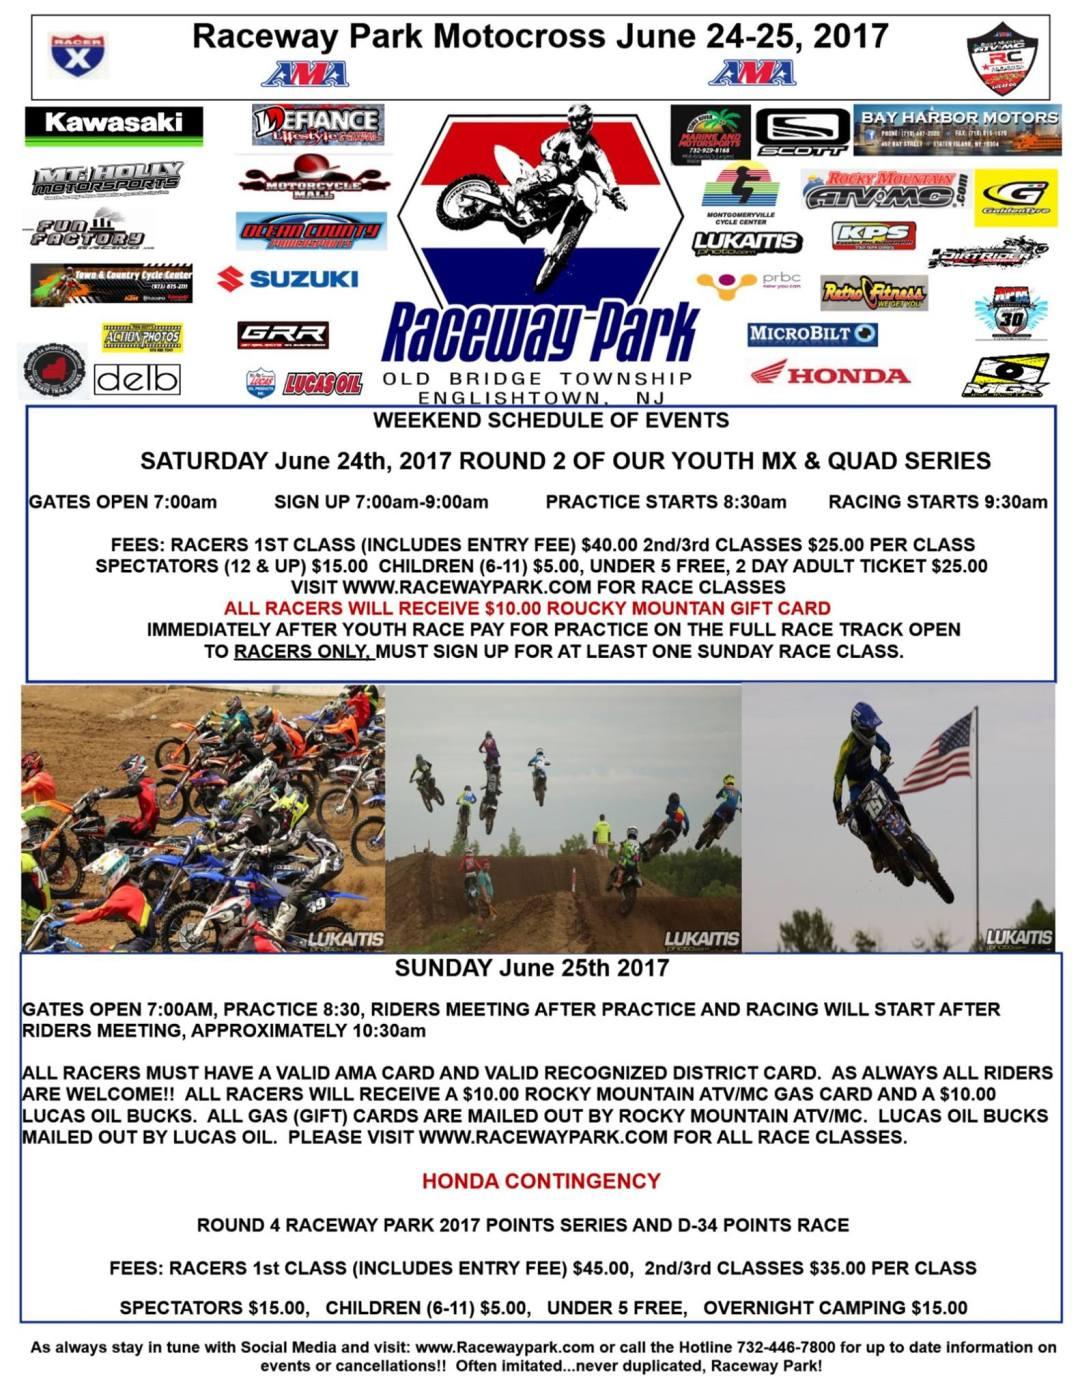 raceway park june 24 & 25